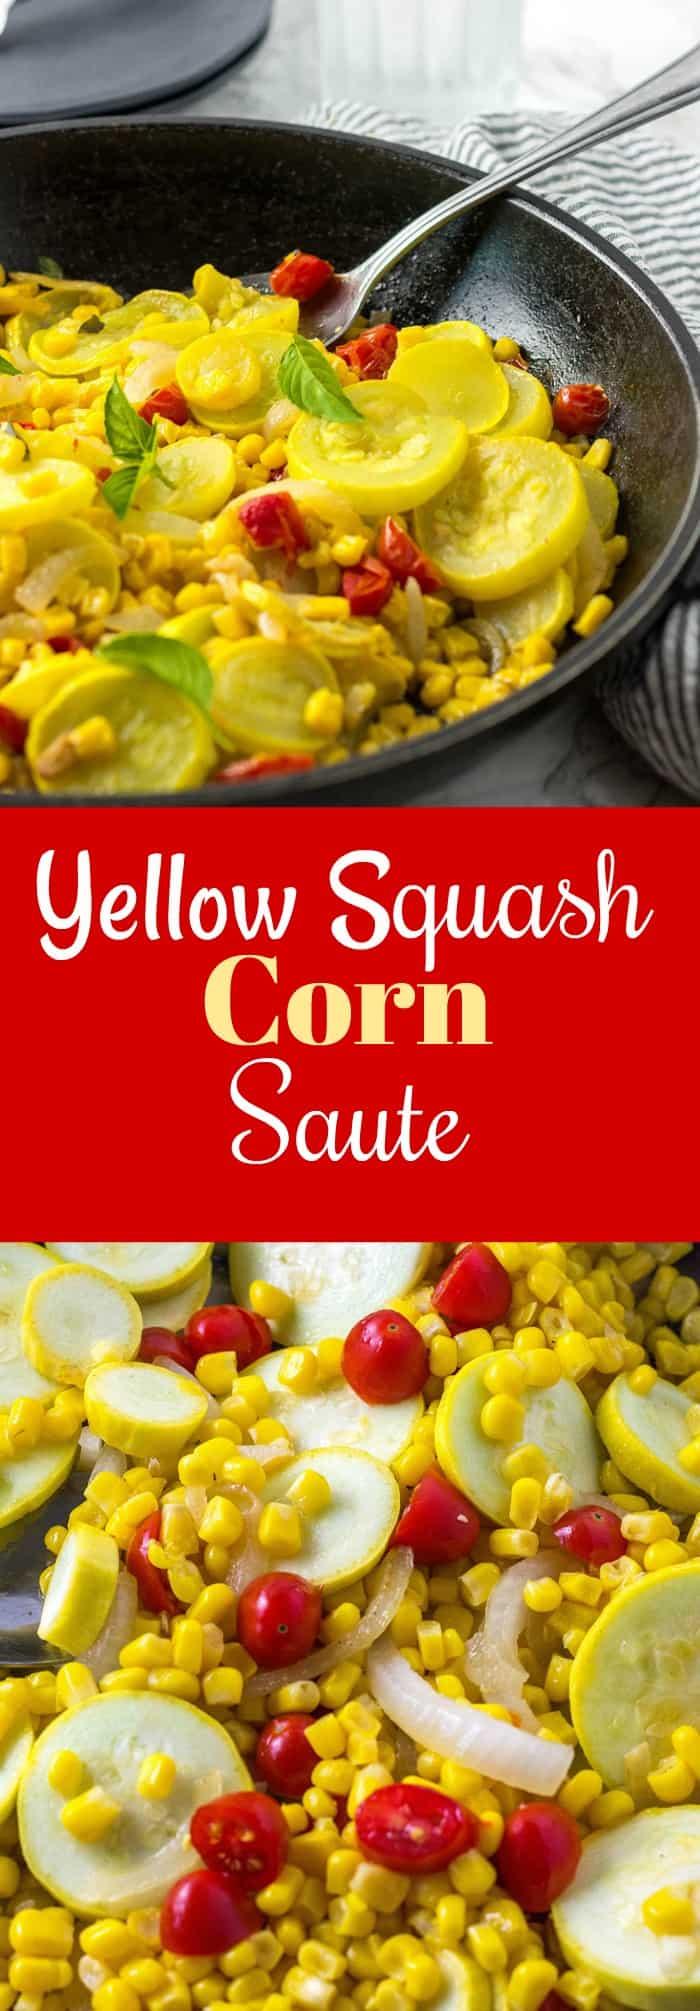 Yellow Squash Corn Saute